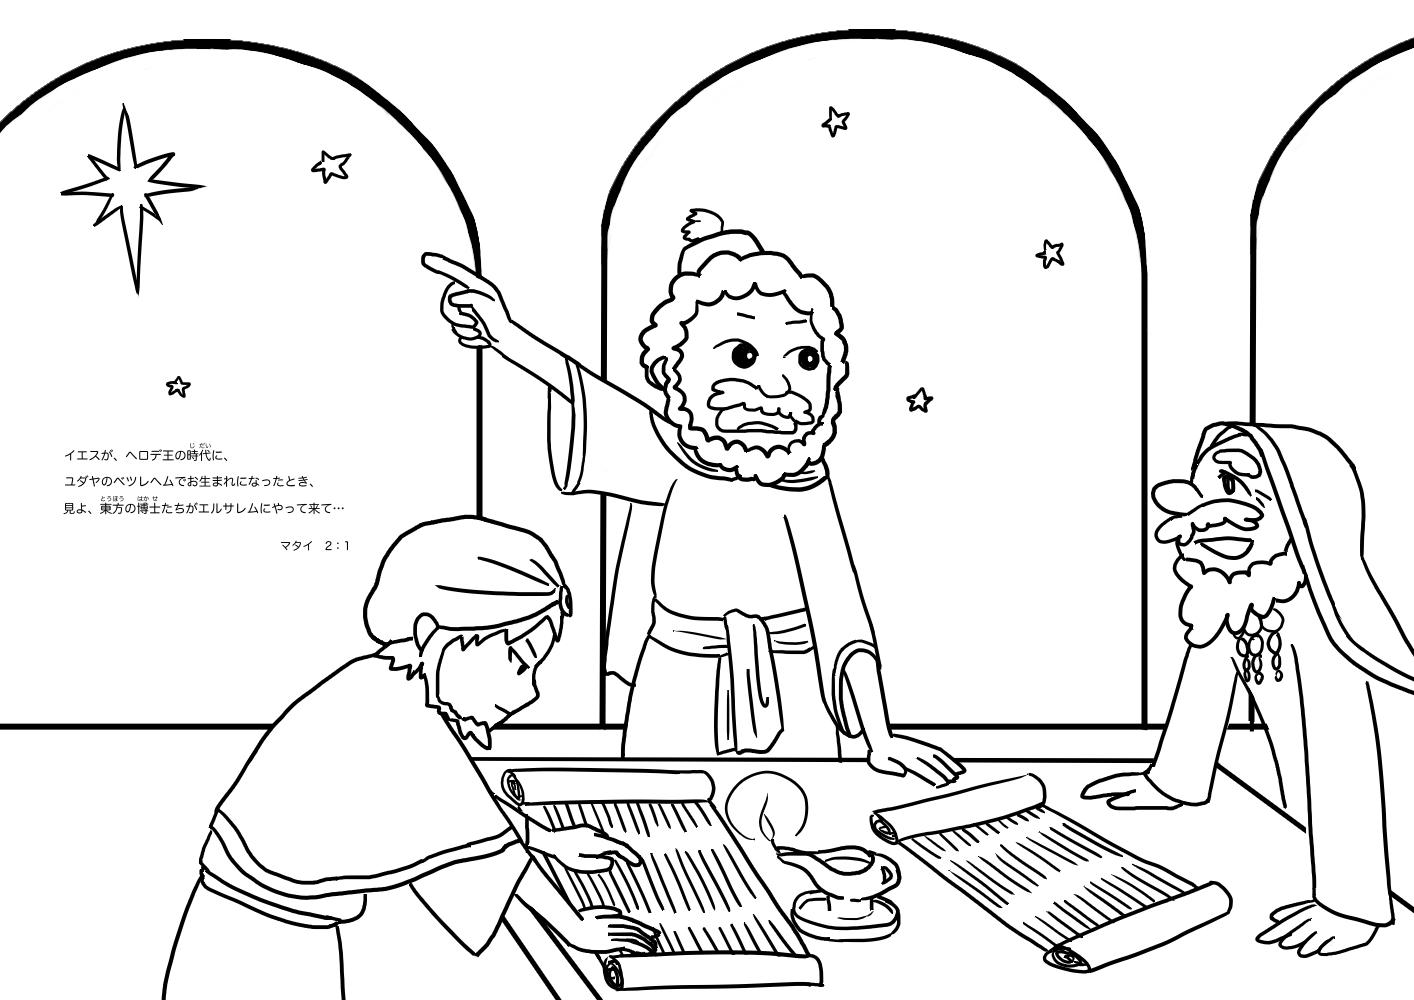 復活とは - コトバンク